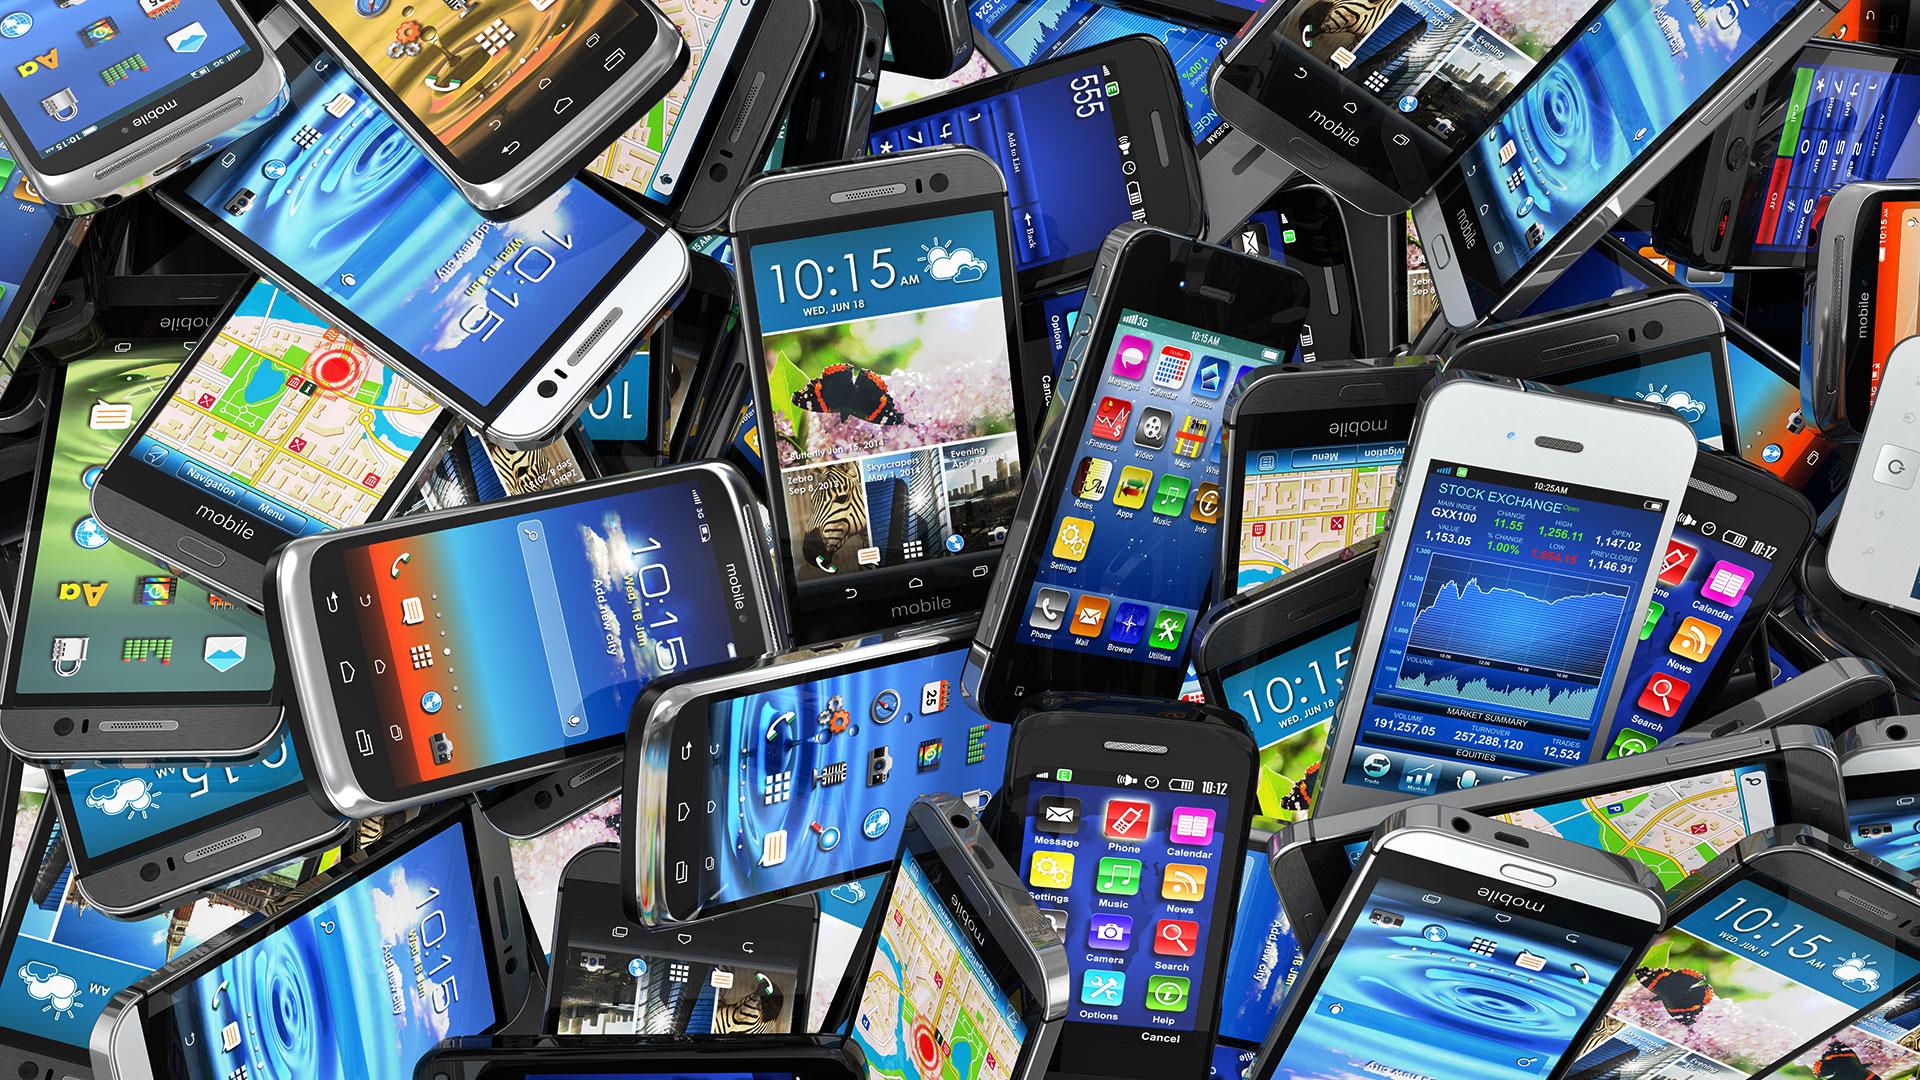 Những mẫu smartphone có giá dưới 10 triệu đồng đang hot hiện nay